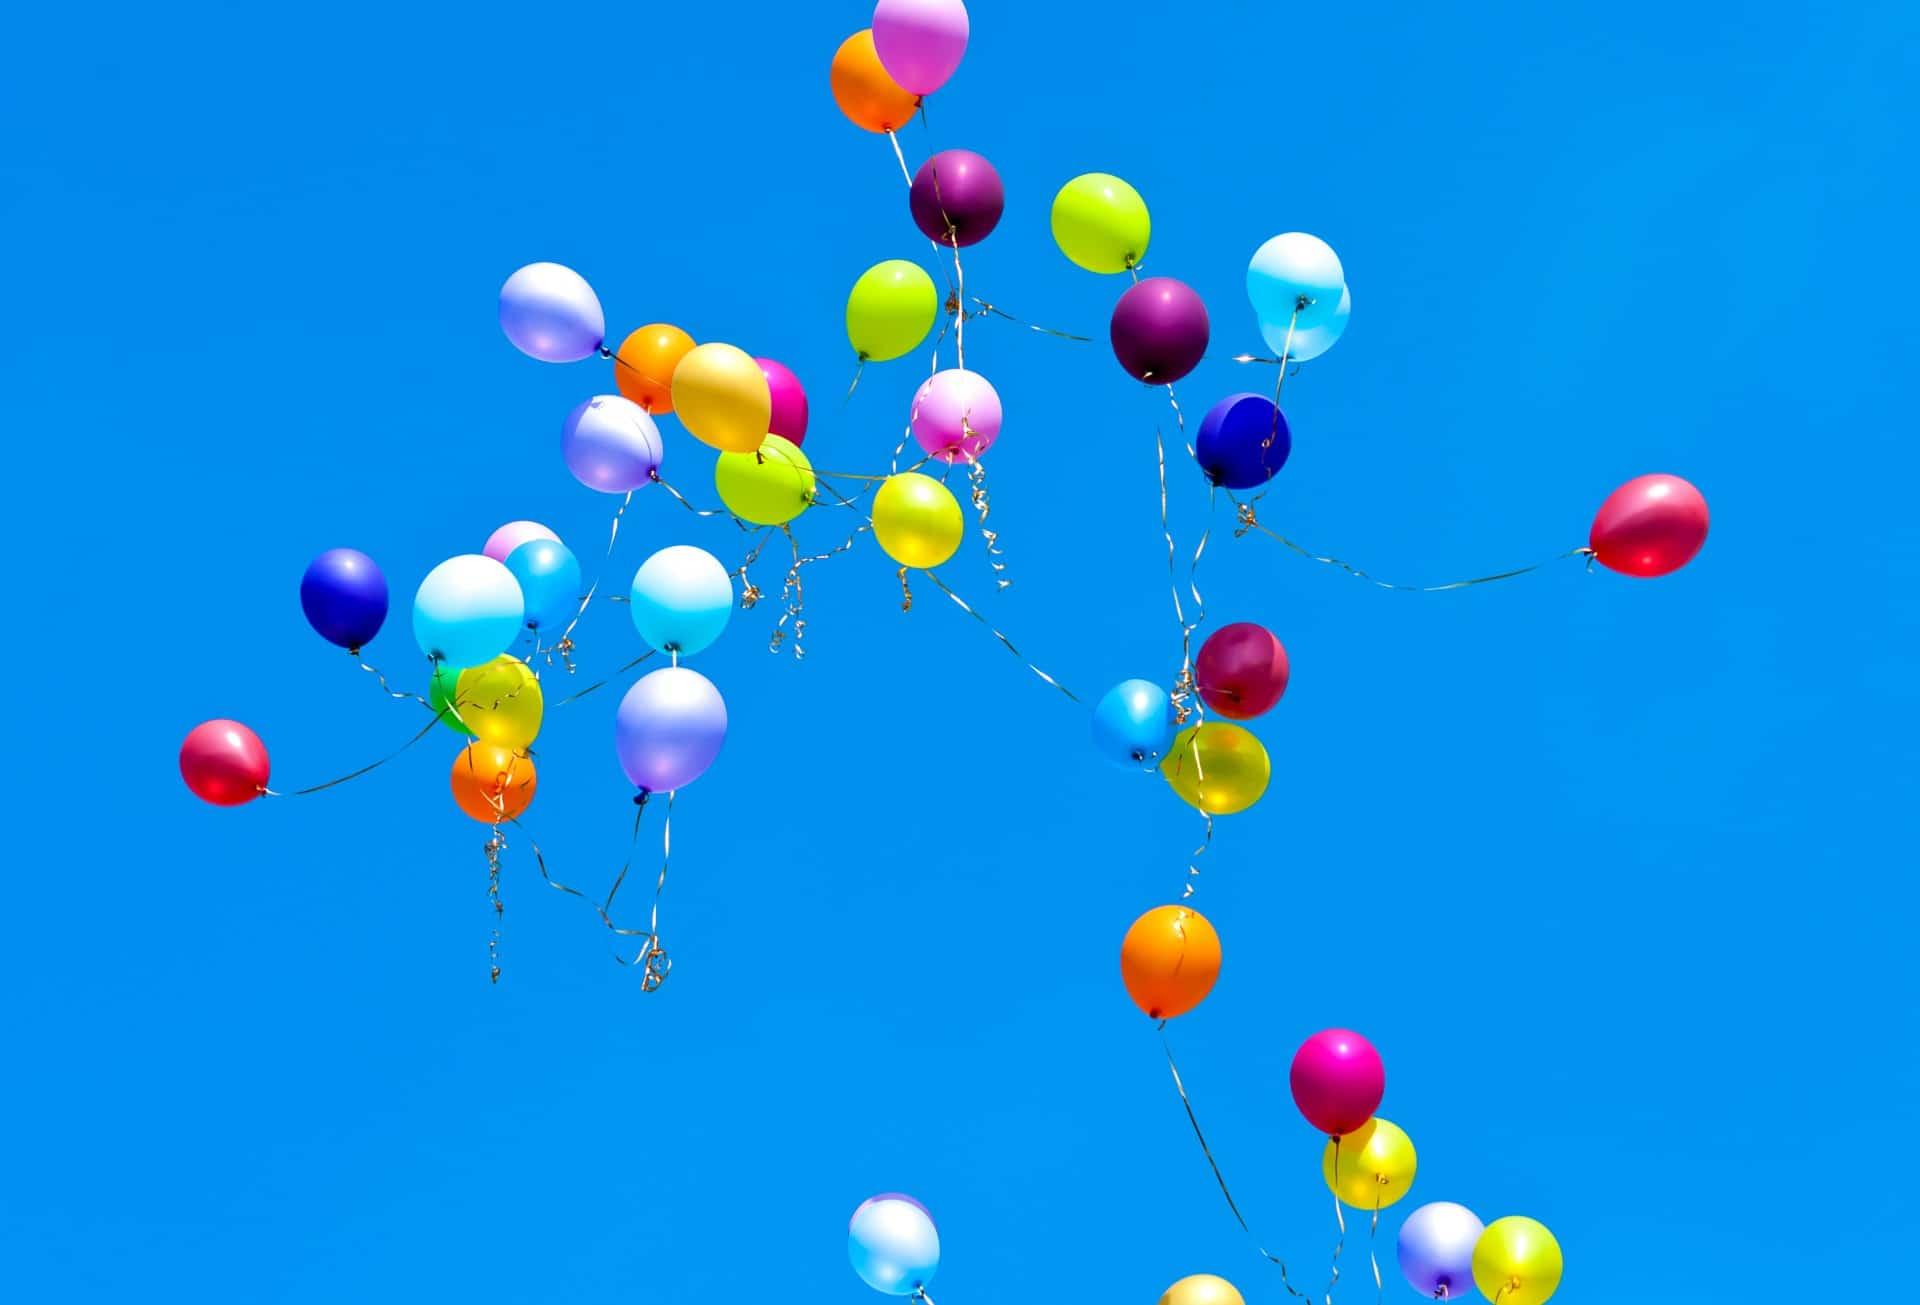 מסקנה חד משמעית מהמחקר הארוך ביותר שנעשה בתחום האושר